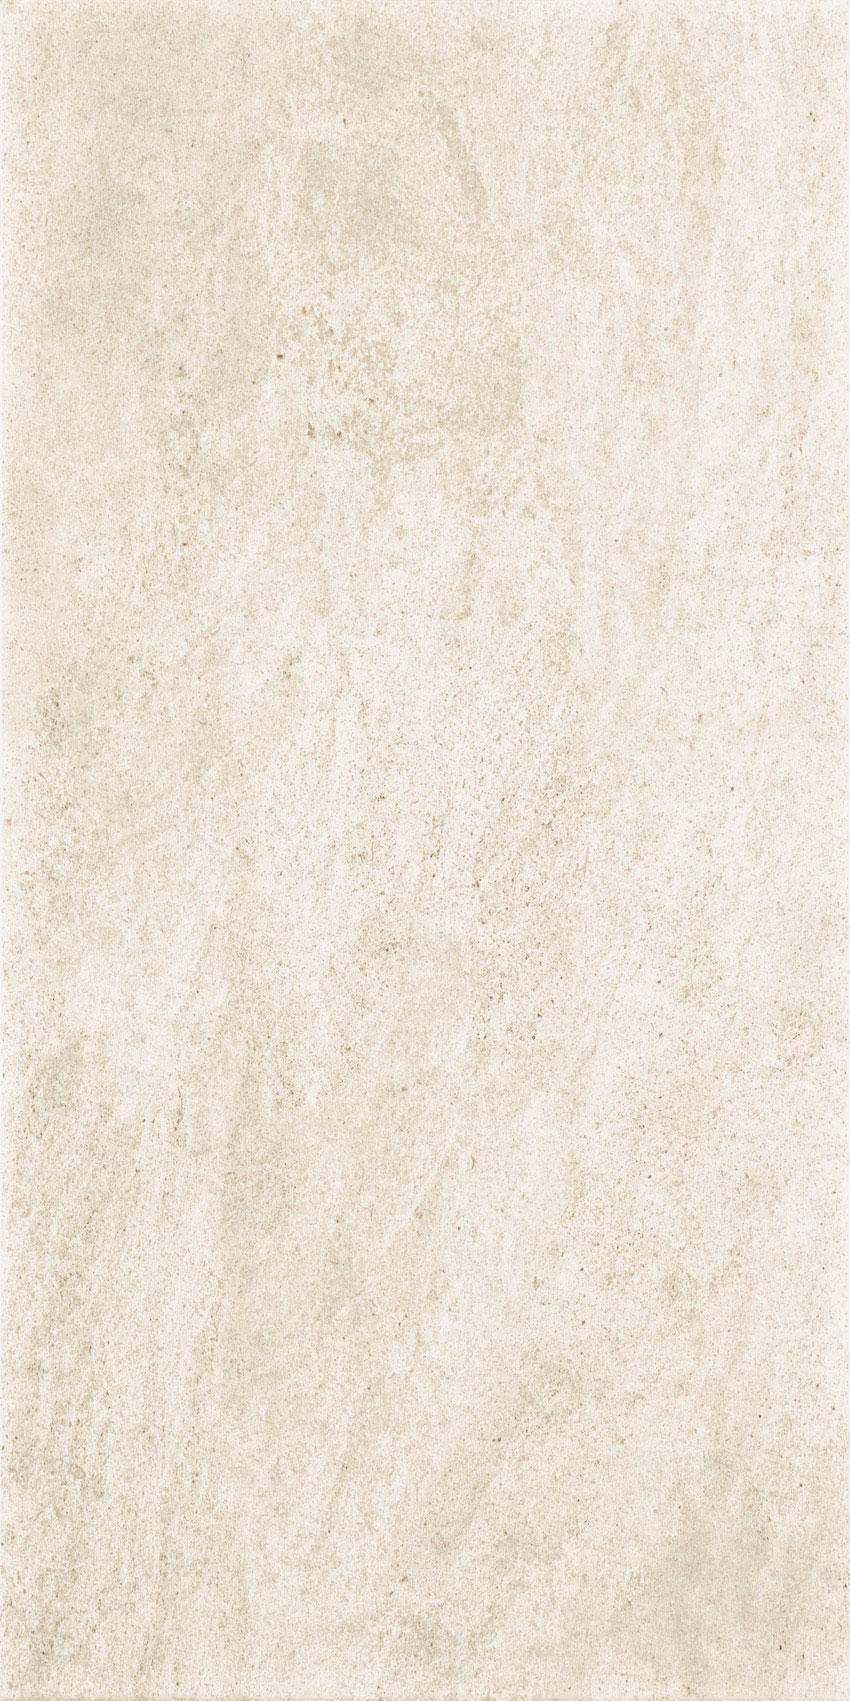 Настенная плитка Ceramika Paradyz Emilly Beige 30x60 (0,9) бордюр paradyz emilly milio sepia 2 3x60